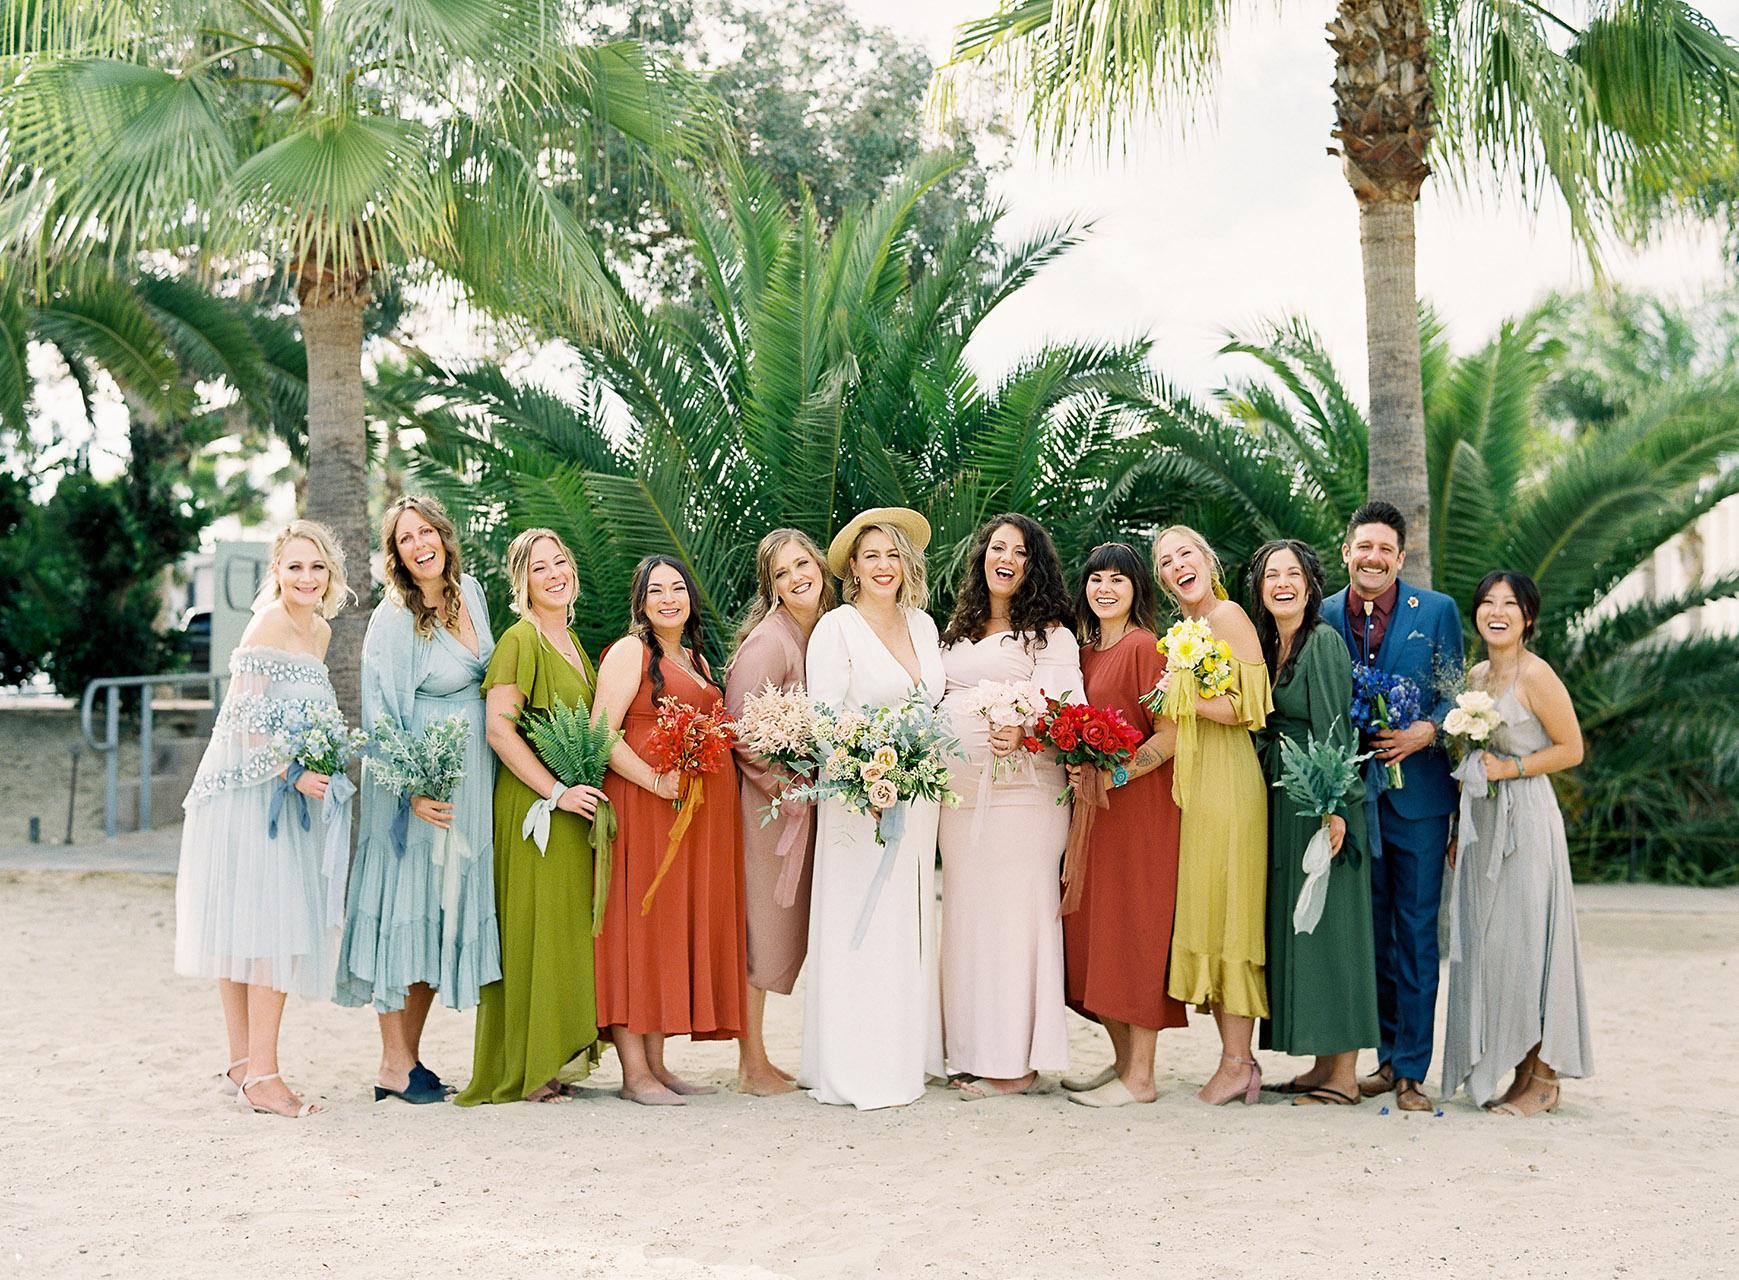 janelle stephen wedding bridesmaids